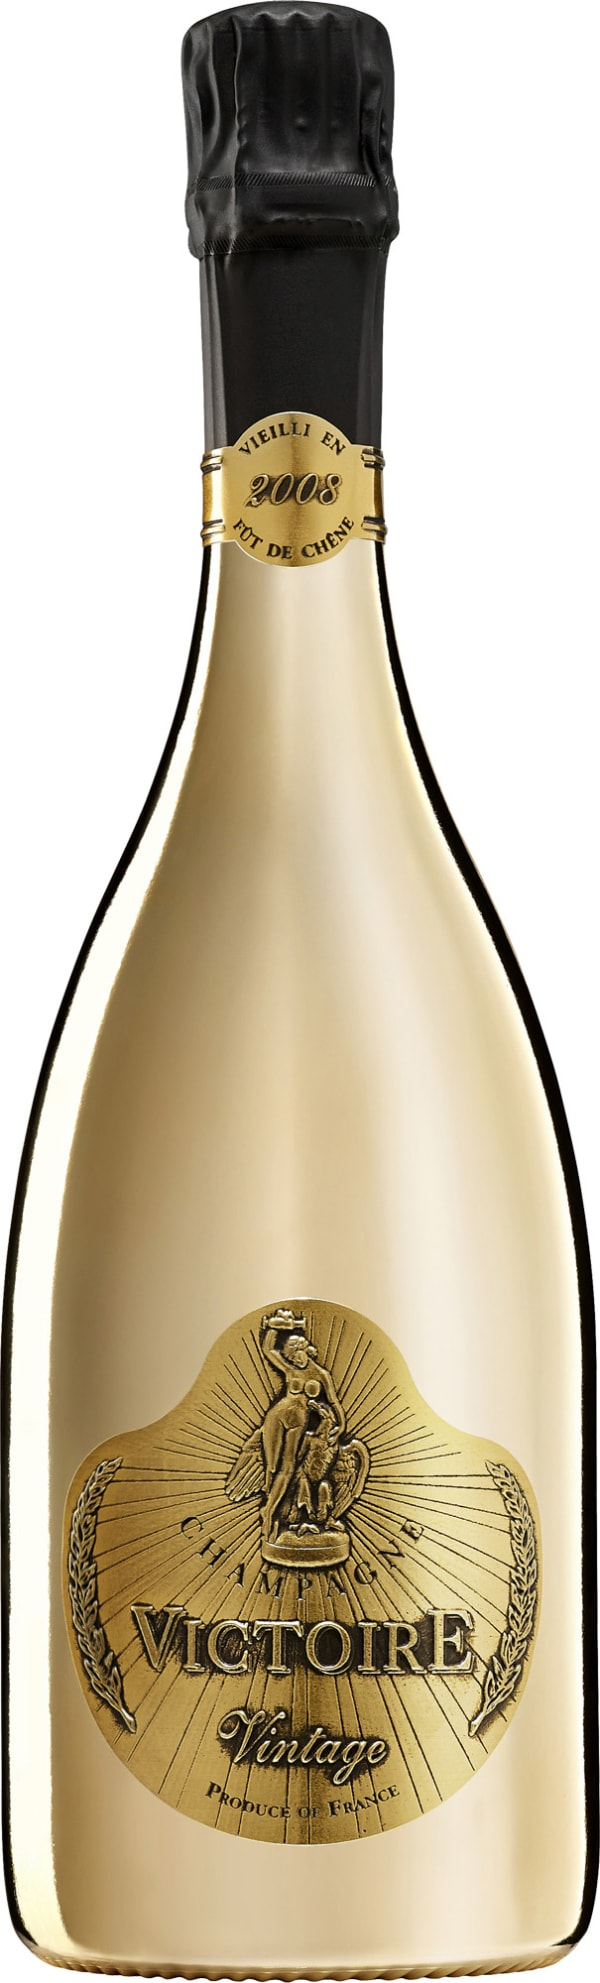 Victoire Limited Edition Fût de Chêne Vintage Champagne Brut 2008